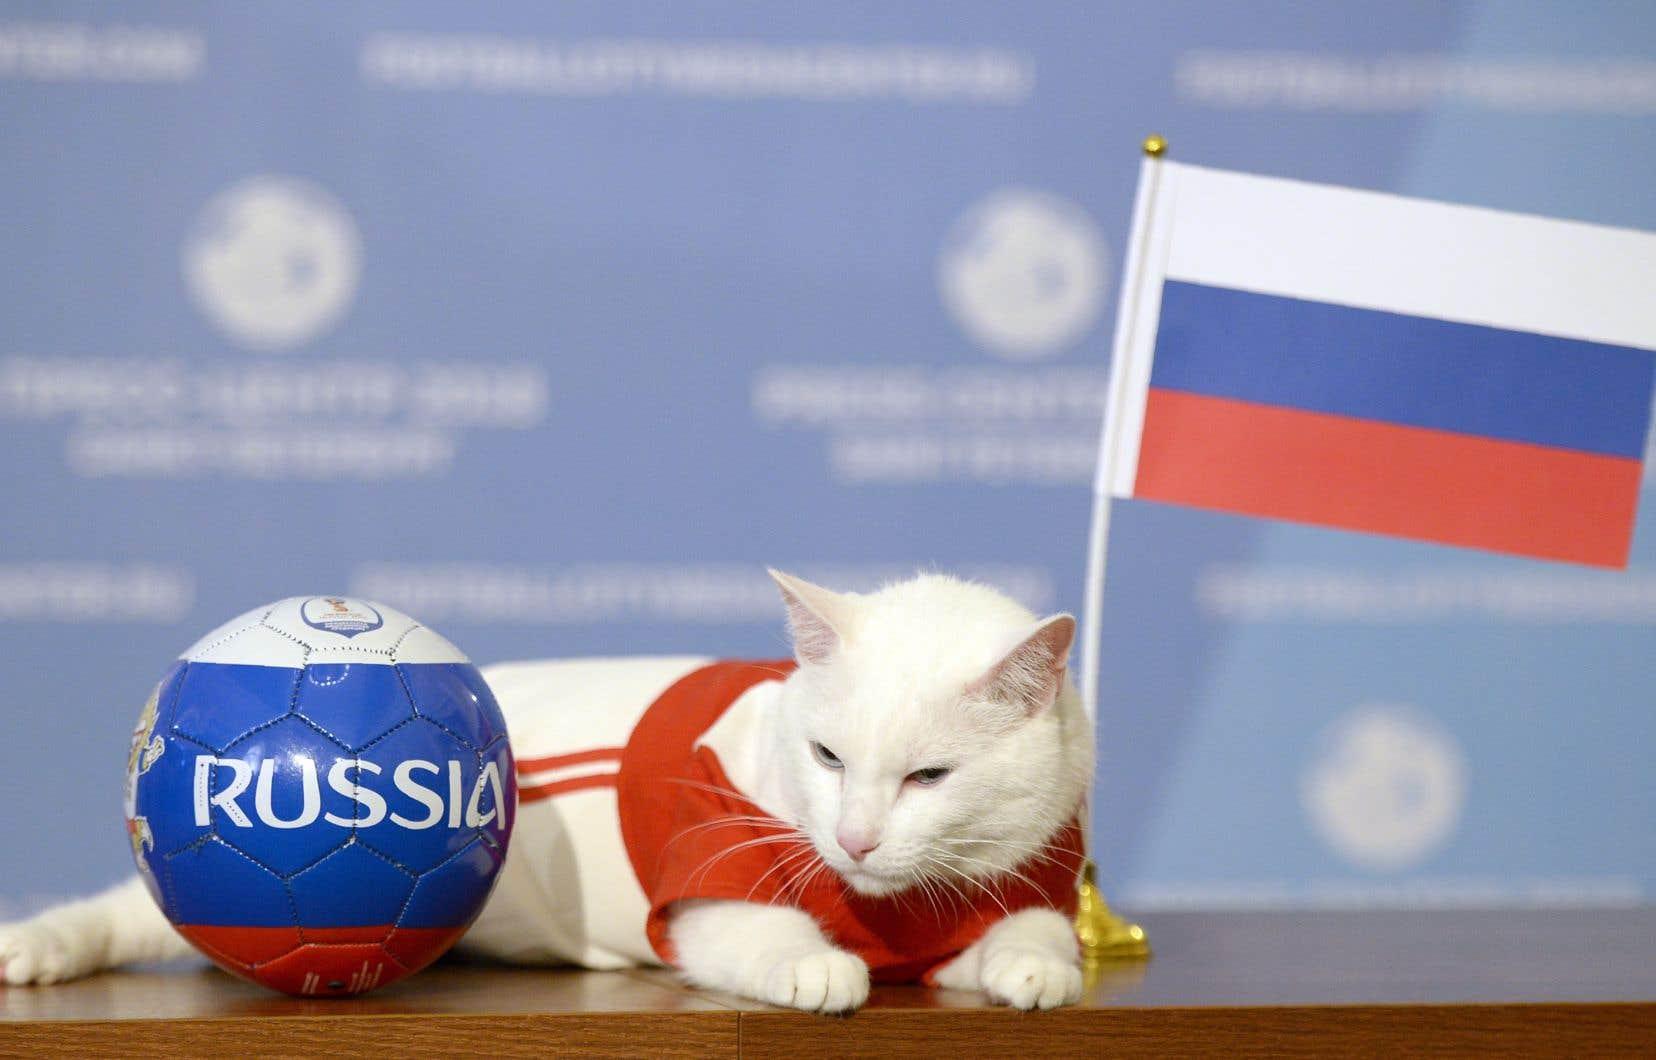 Achille le chat, minou tout blanc et sourd, intronisé devin officiel du Mondial 2018 par le pays hôte